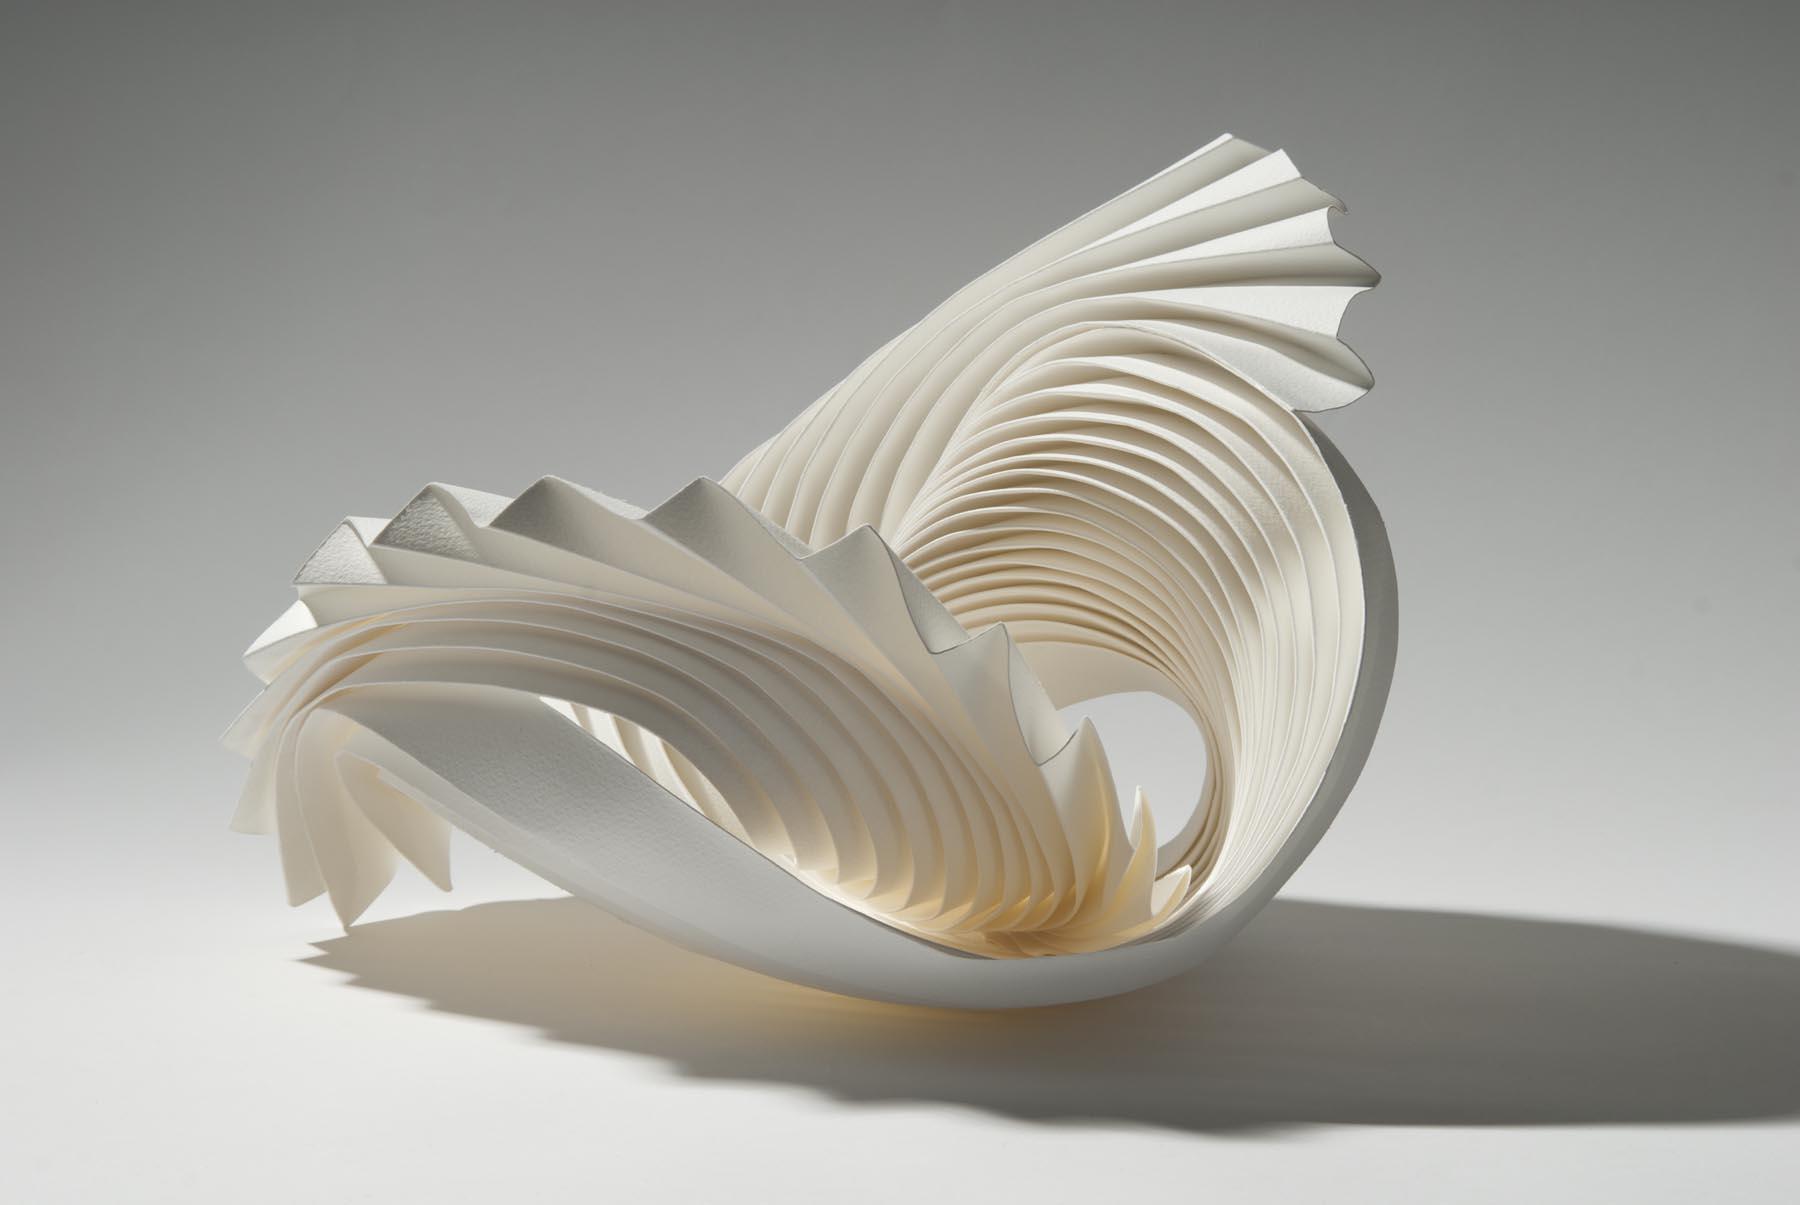 Объёмные бумажные скульптуры Ричарда Суини: Пластика